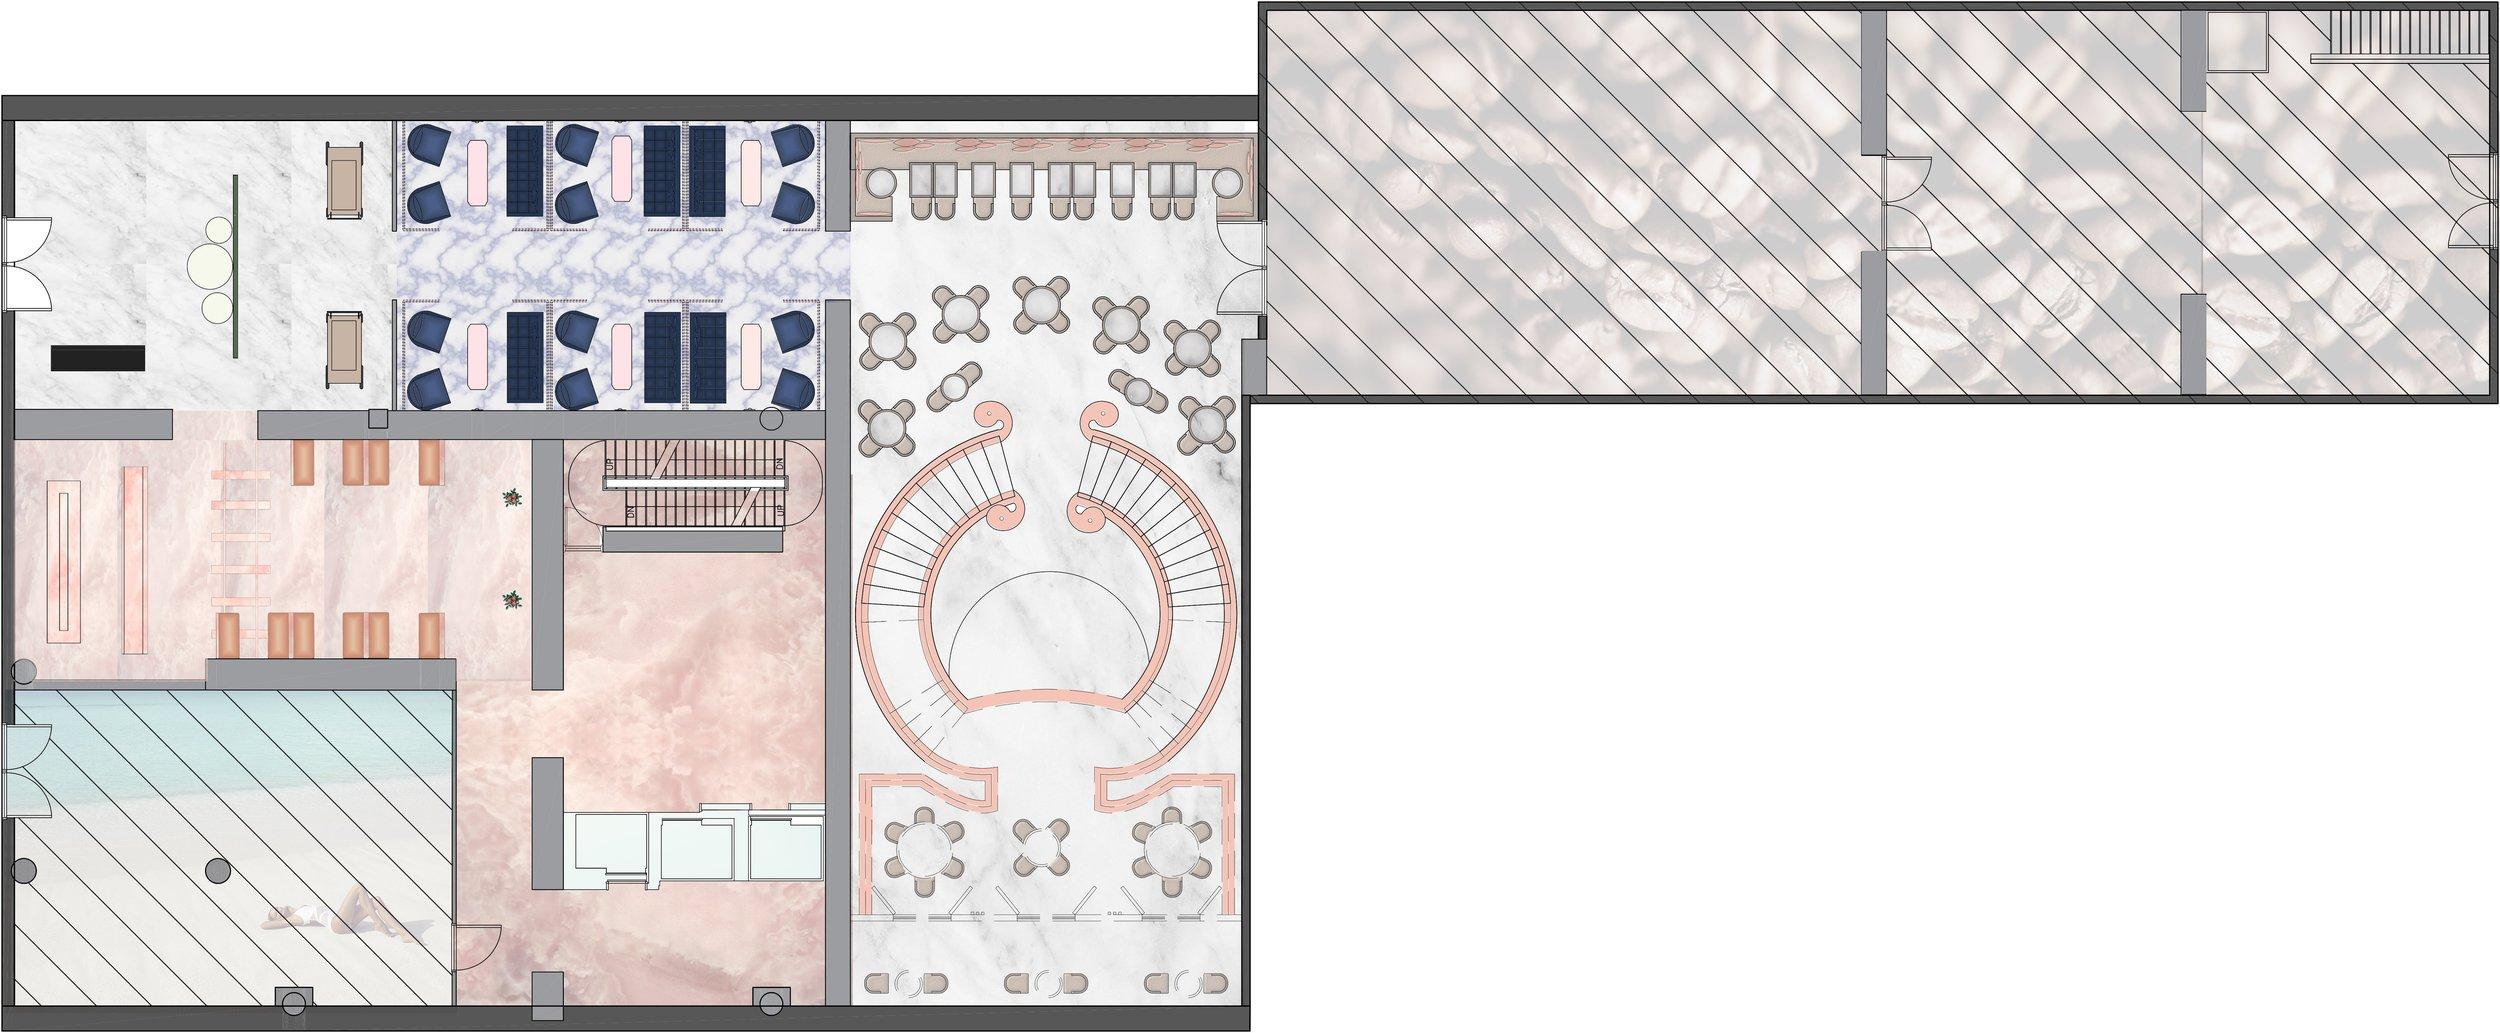 FLOOR 1 FINAL 5.31.16.jpg